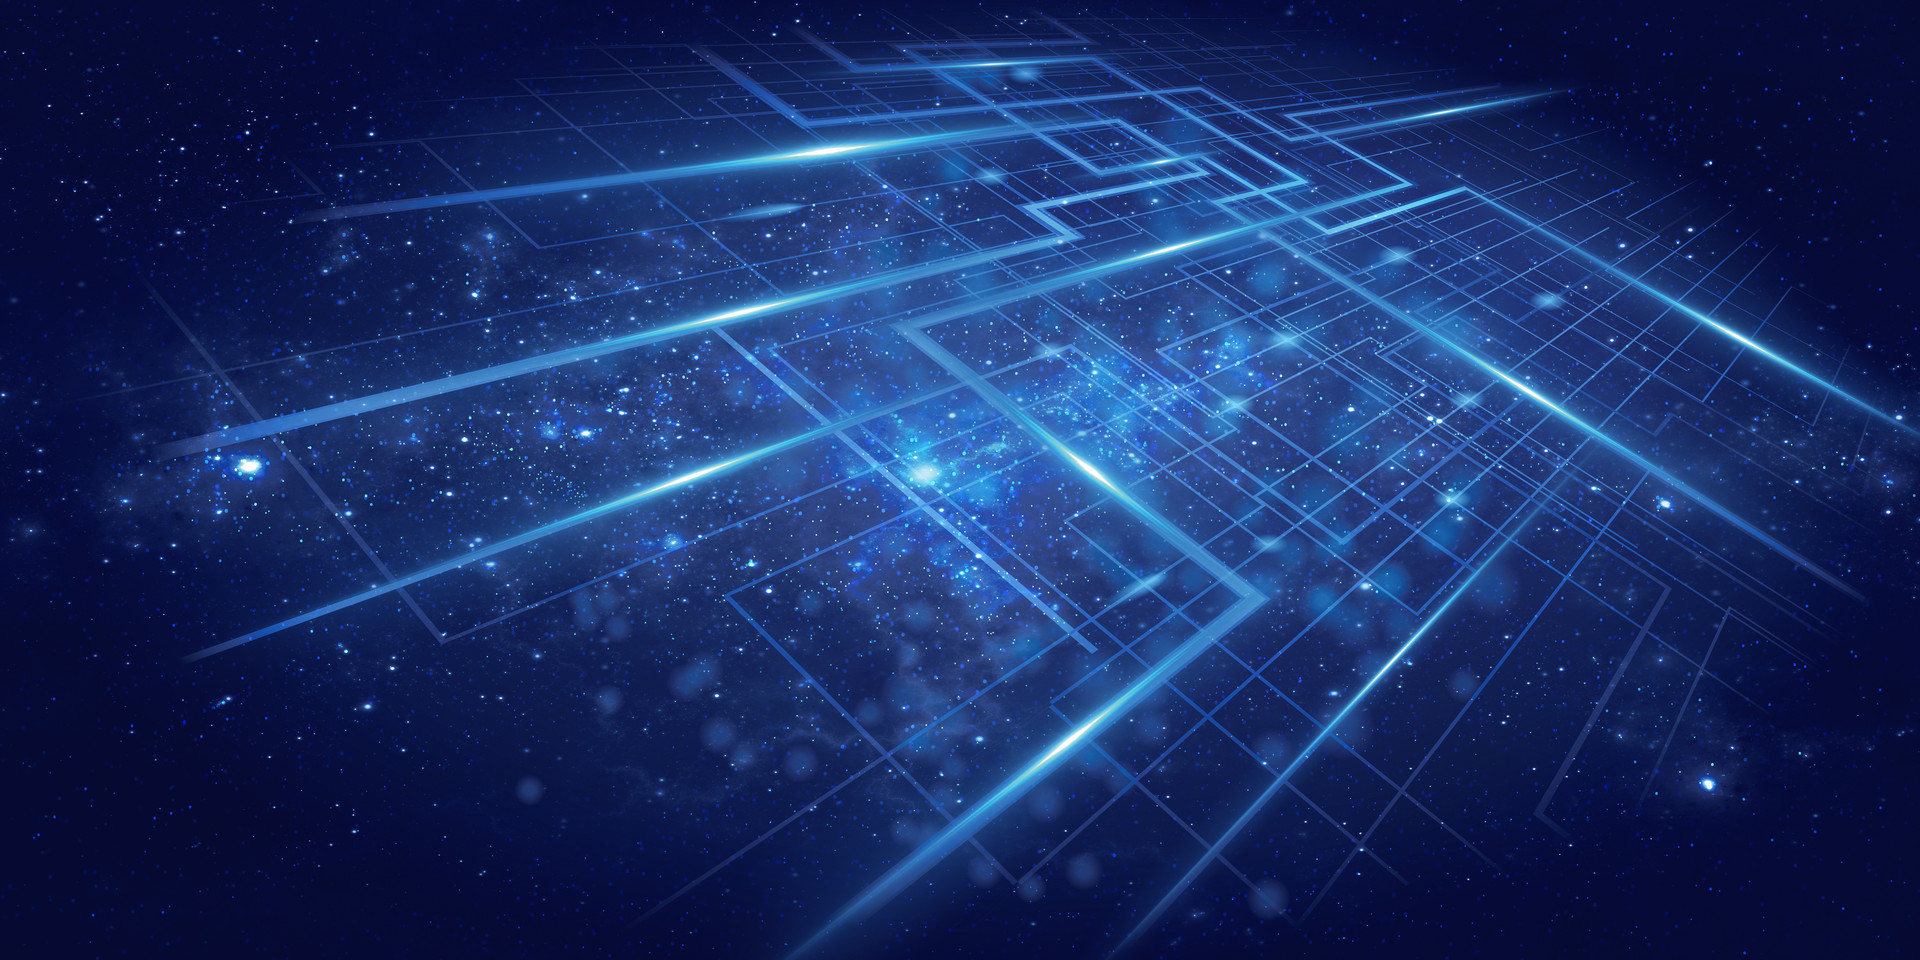 网络安全年终盘点:2018年数据泄露事件回顾